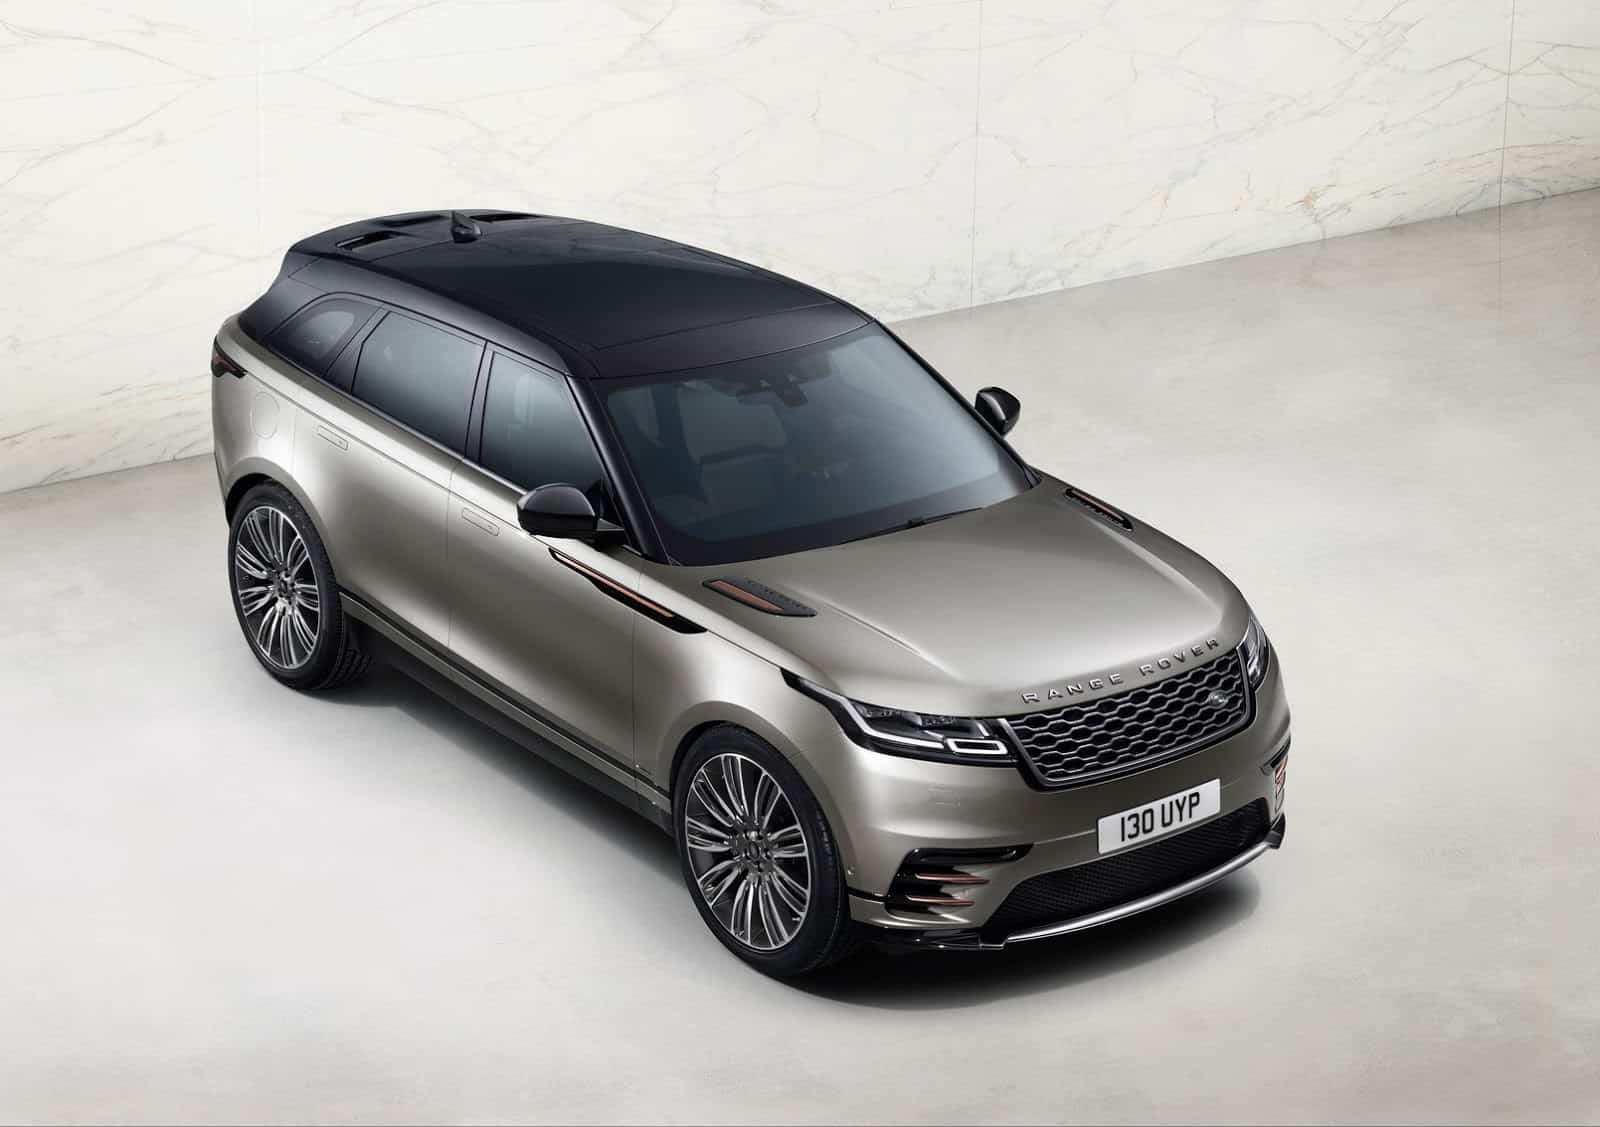 Esta es la Range Rover Velar 2018